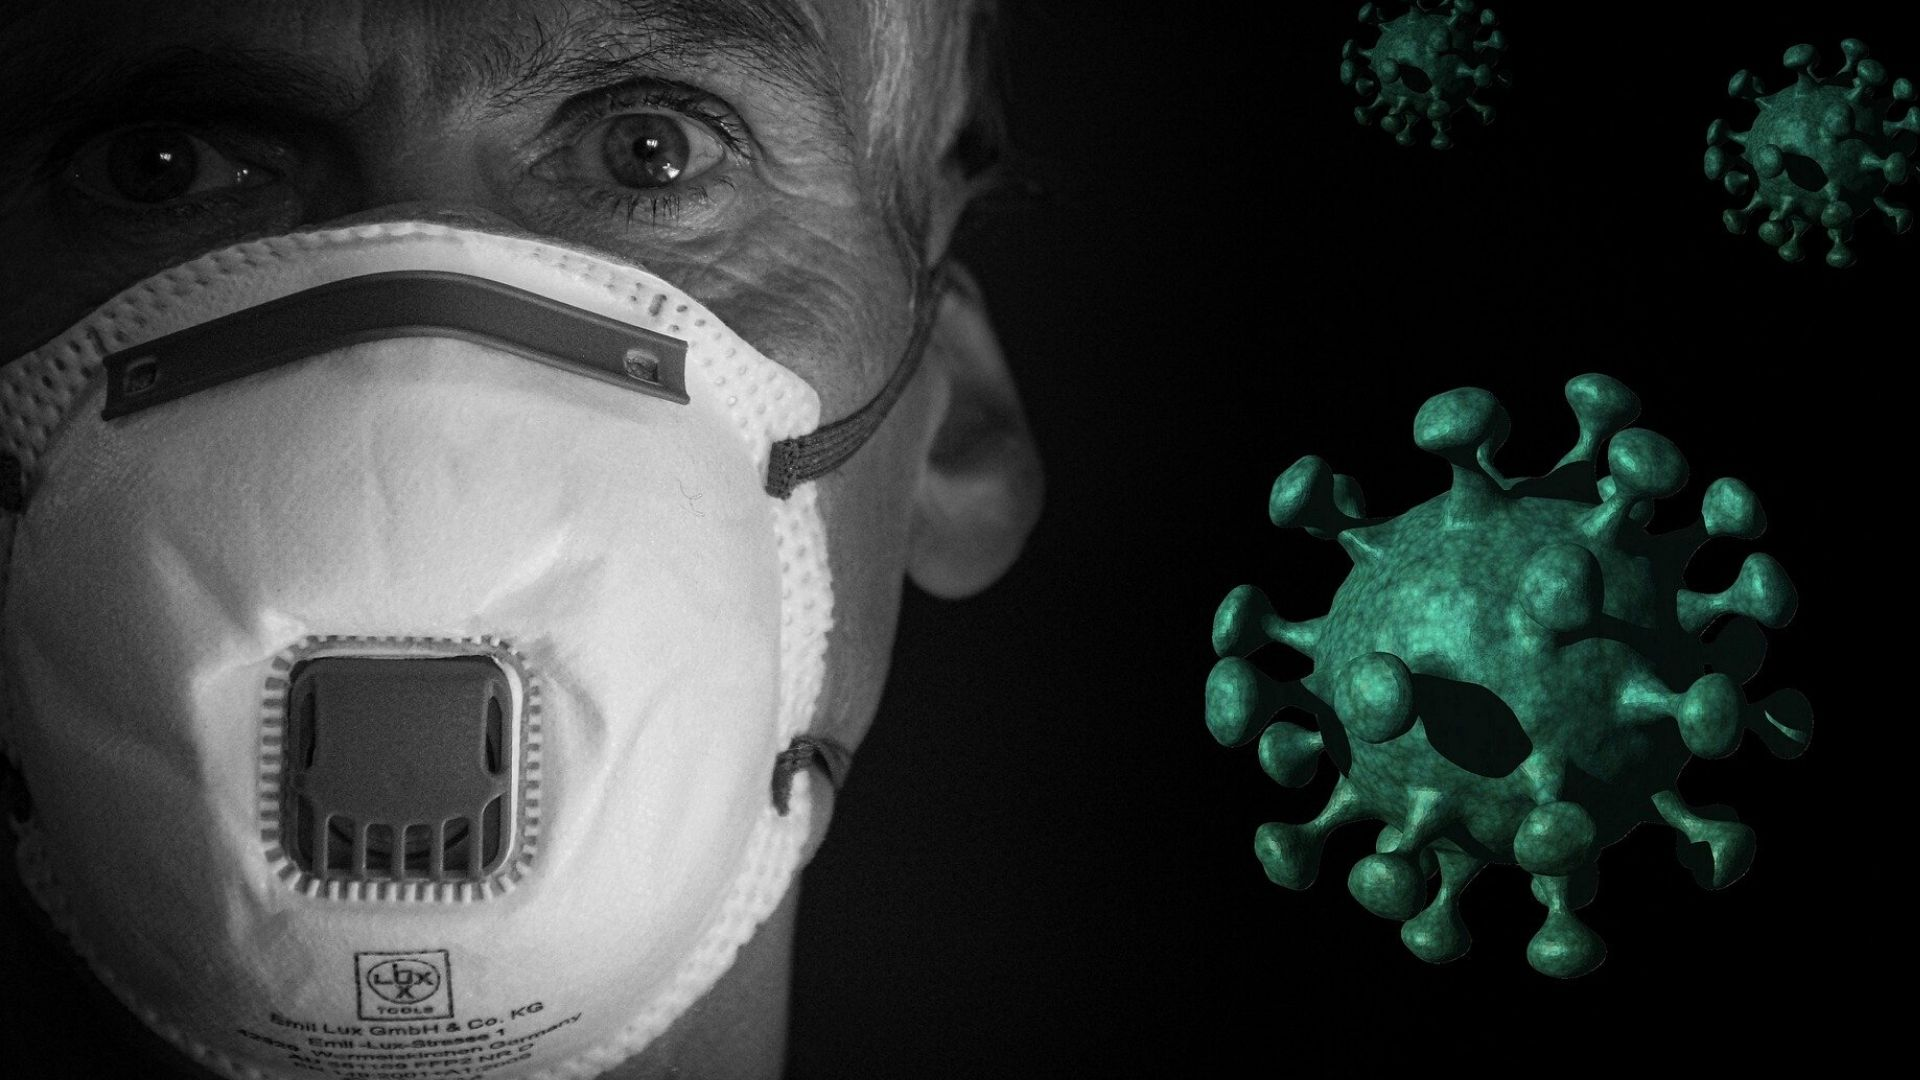 Болезнь вызванная коронавирусом может протекать без симптомов